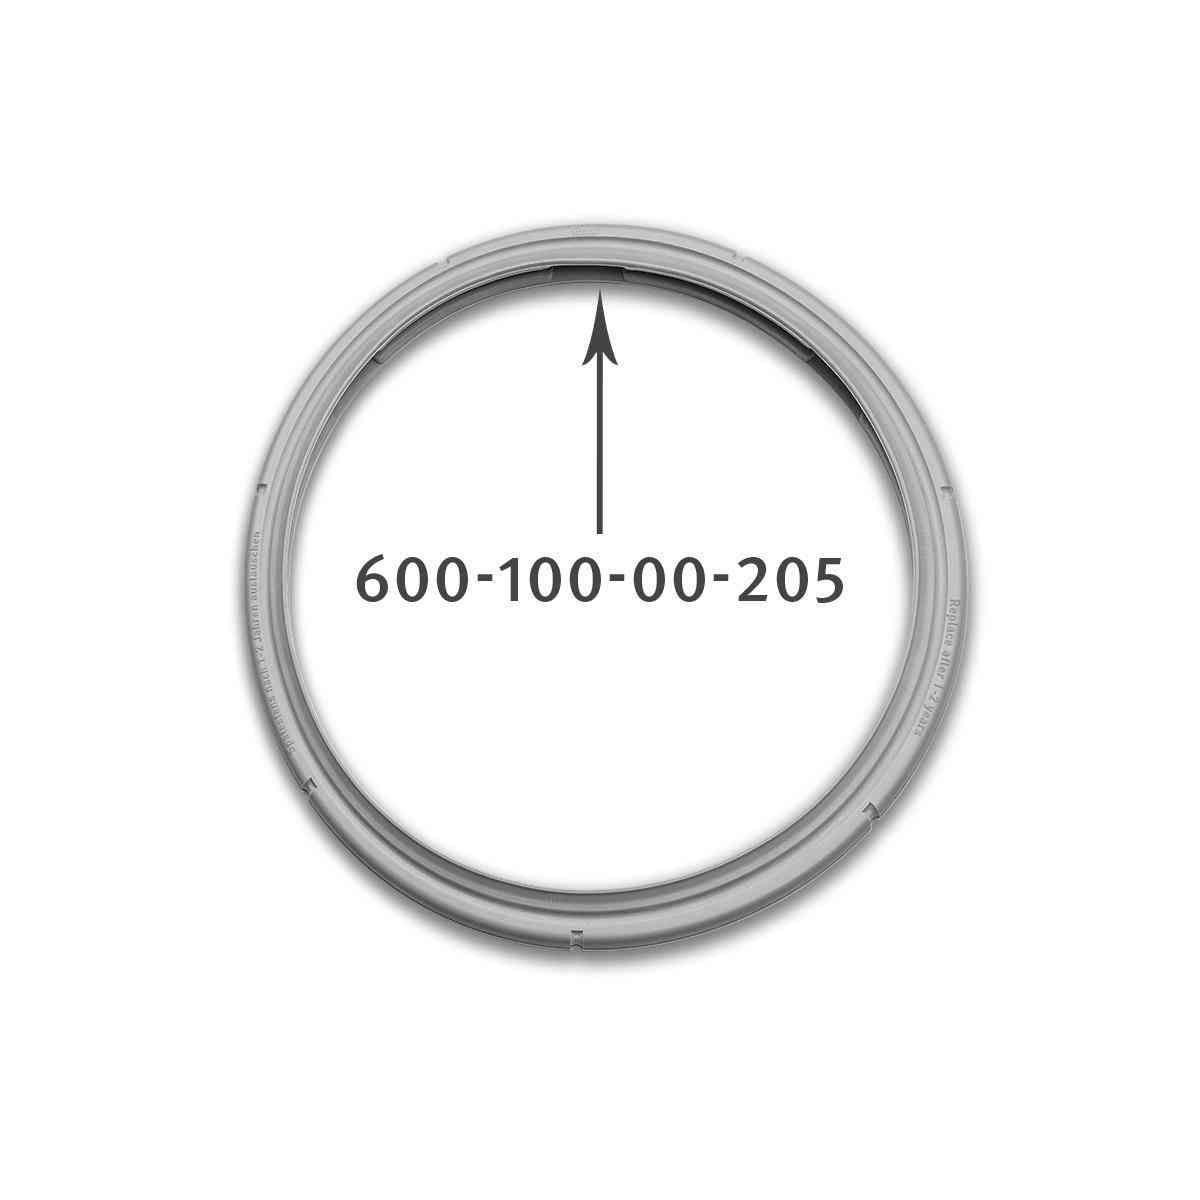 Dichtungsring 18 cm für Schnellkochtöpfe 600-000-18-795/0